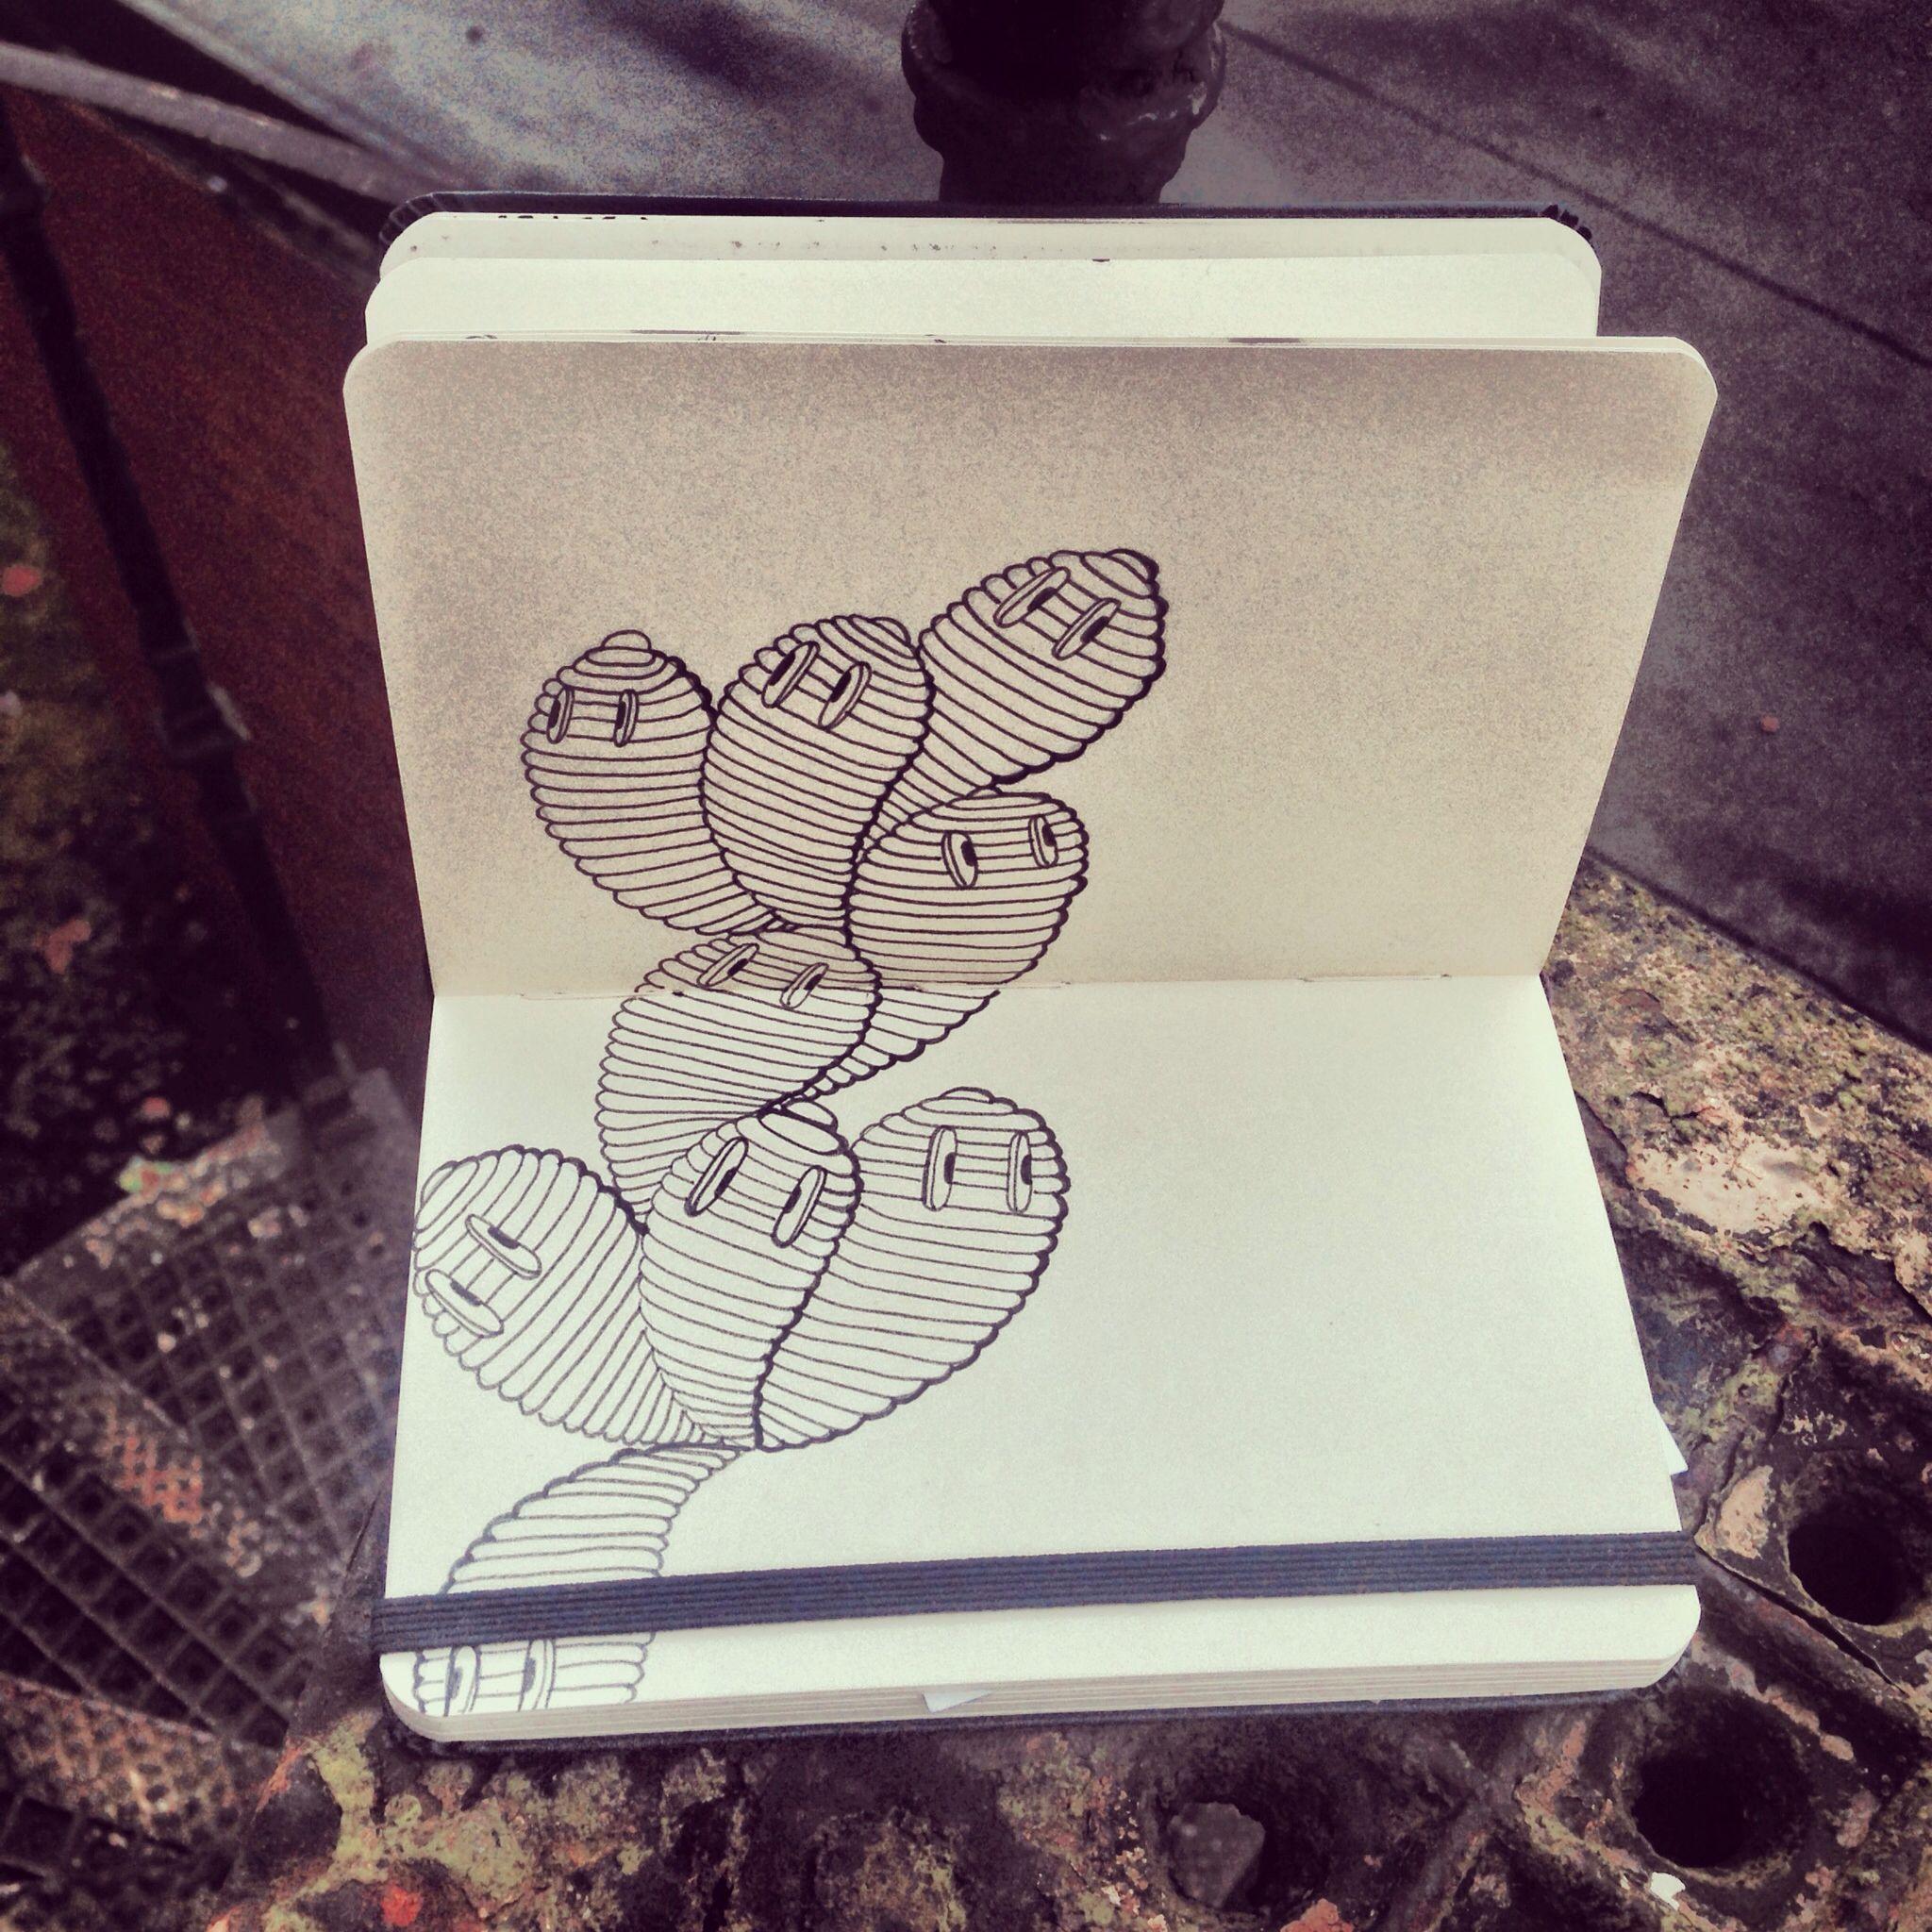 moleskine pocket sketch by miss wah